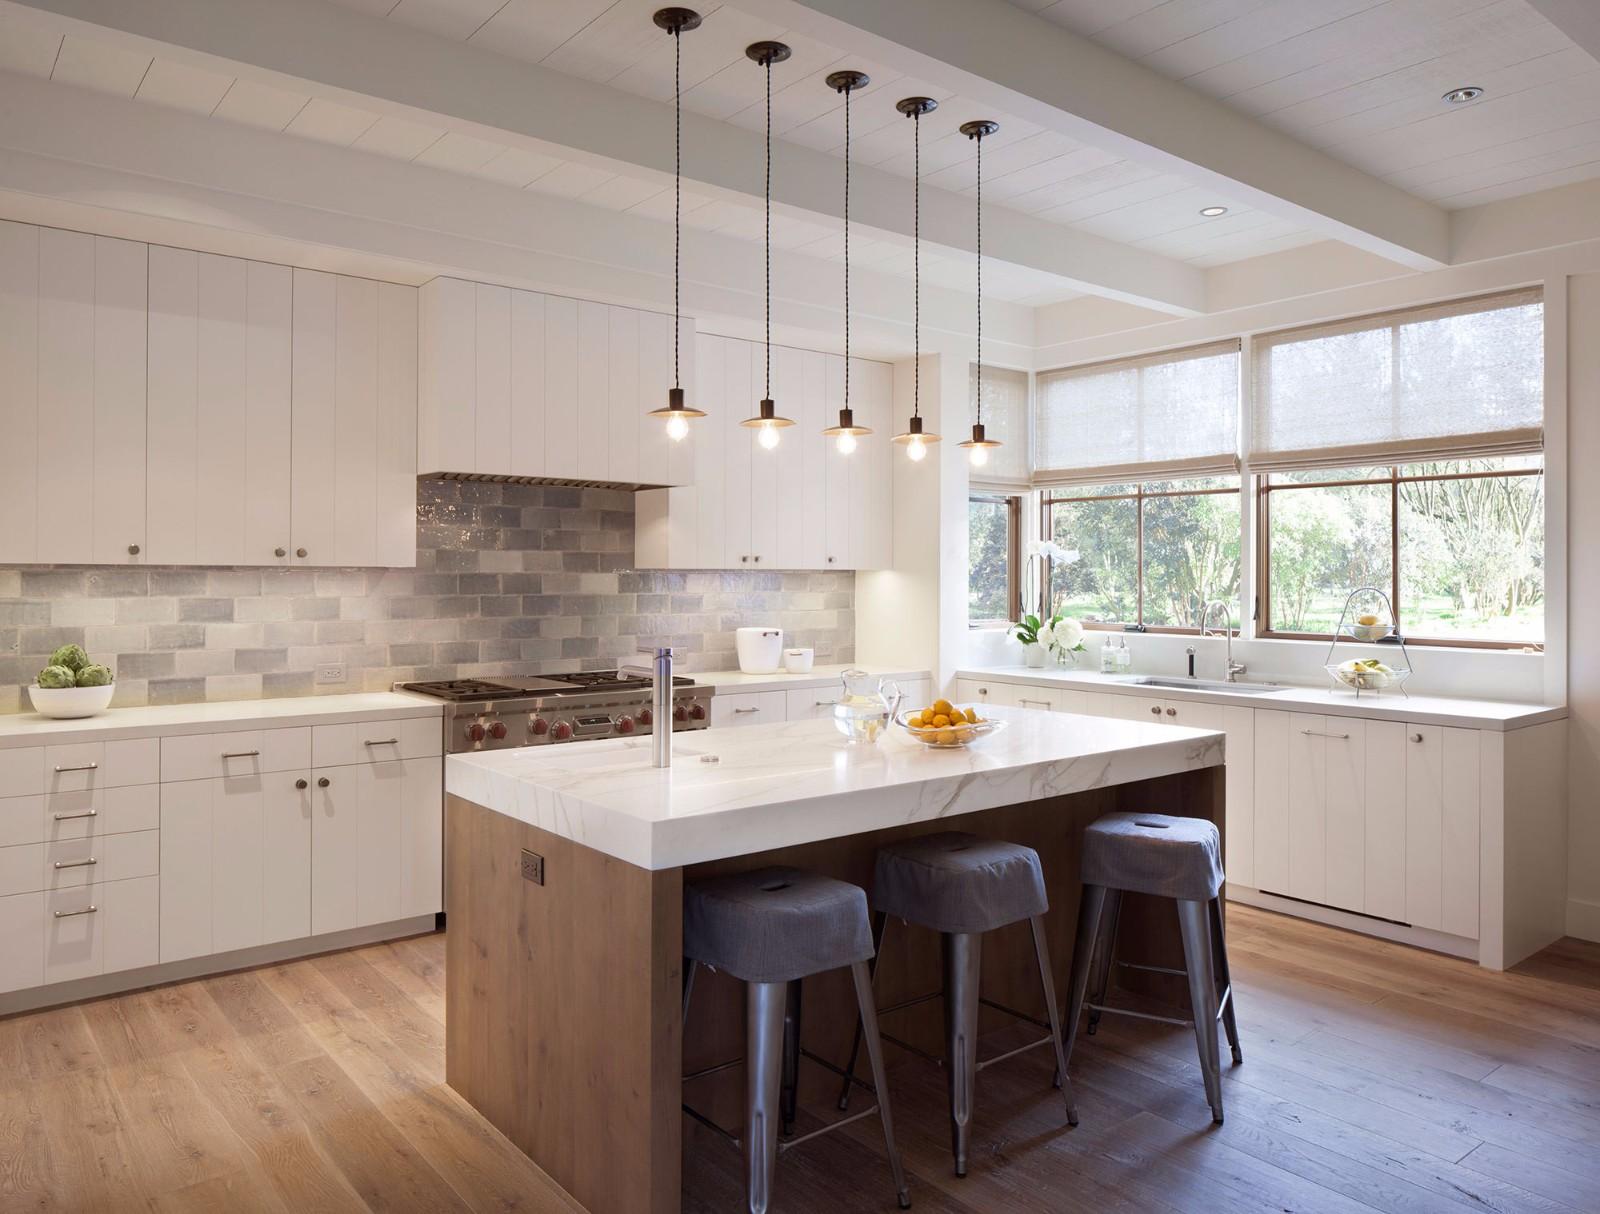 美式乡村风格别墅厨房装修效果图